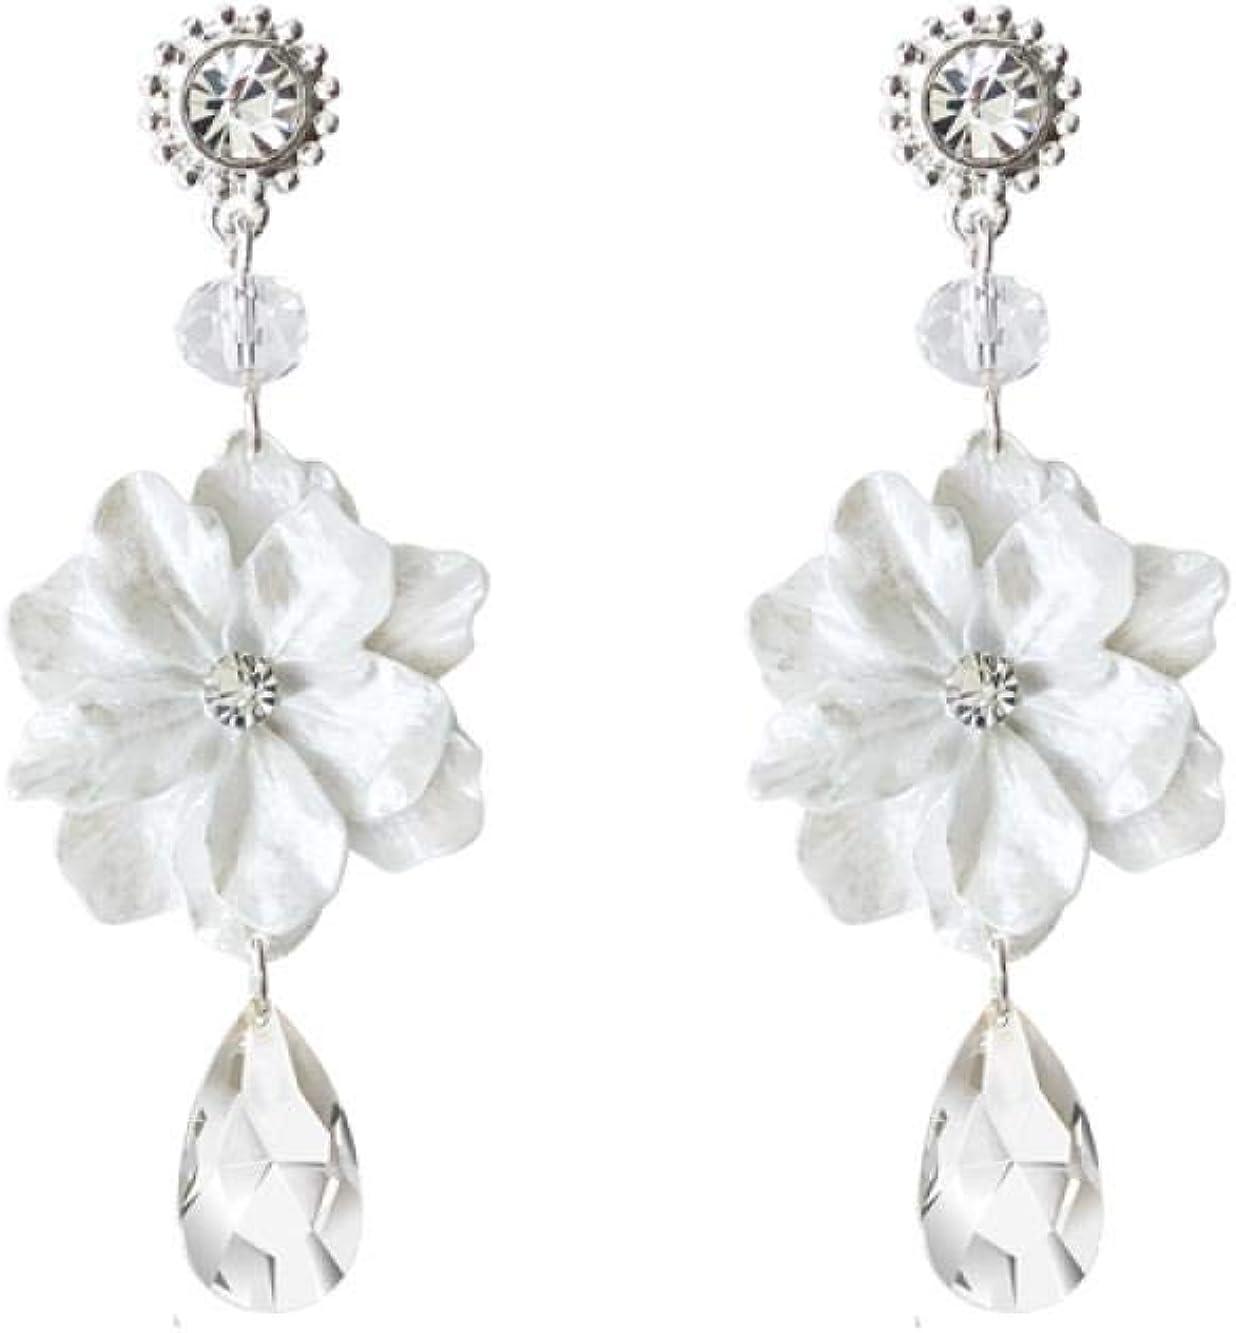 Pendientes de piedras preciosas de cristal, flor de resina blanca, aguja de plata 925, joyas de aleación